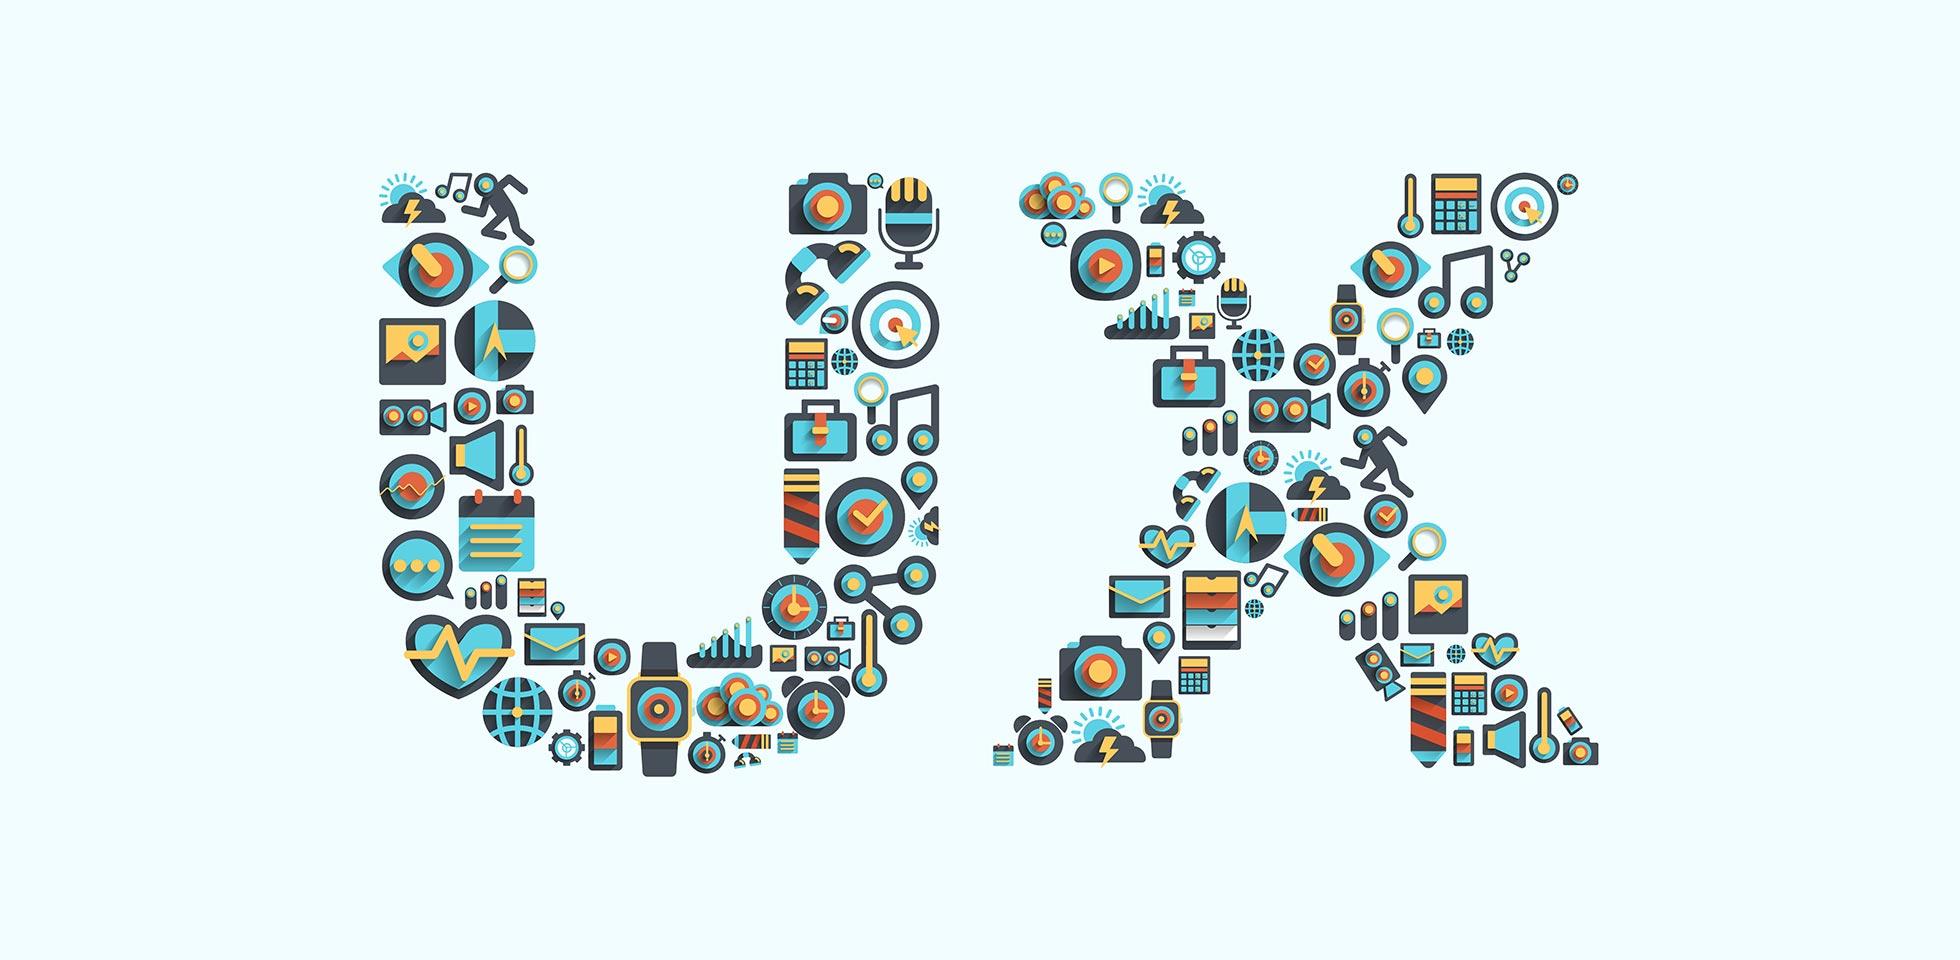 Ux não se trata de uma metodologia. User Experience é um termo usado para mensurar toda a relação e experiência do usuário ao usar um produto ou serviço.